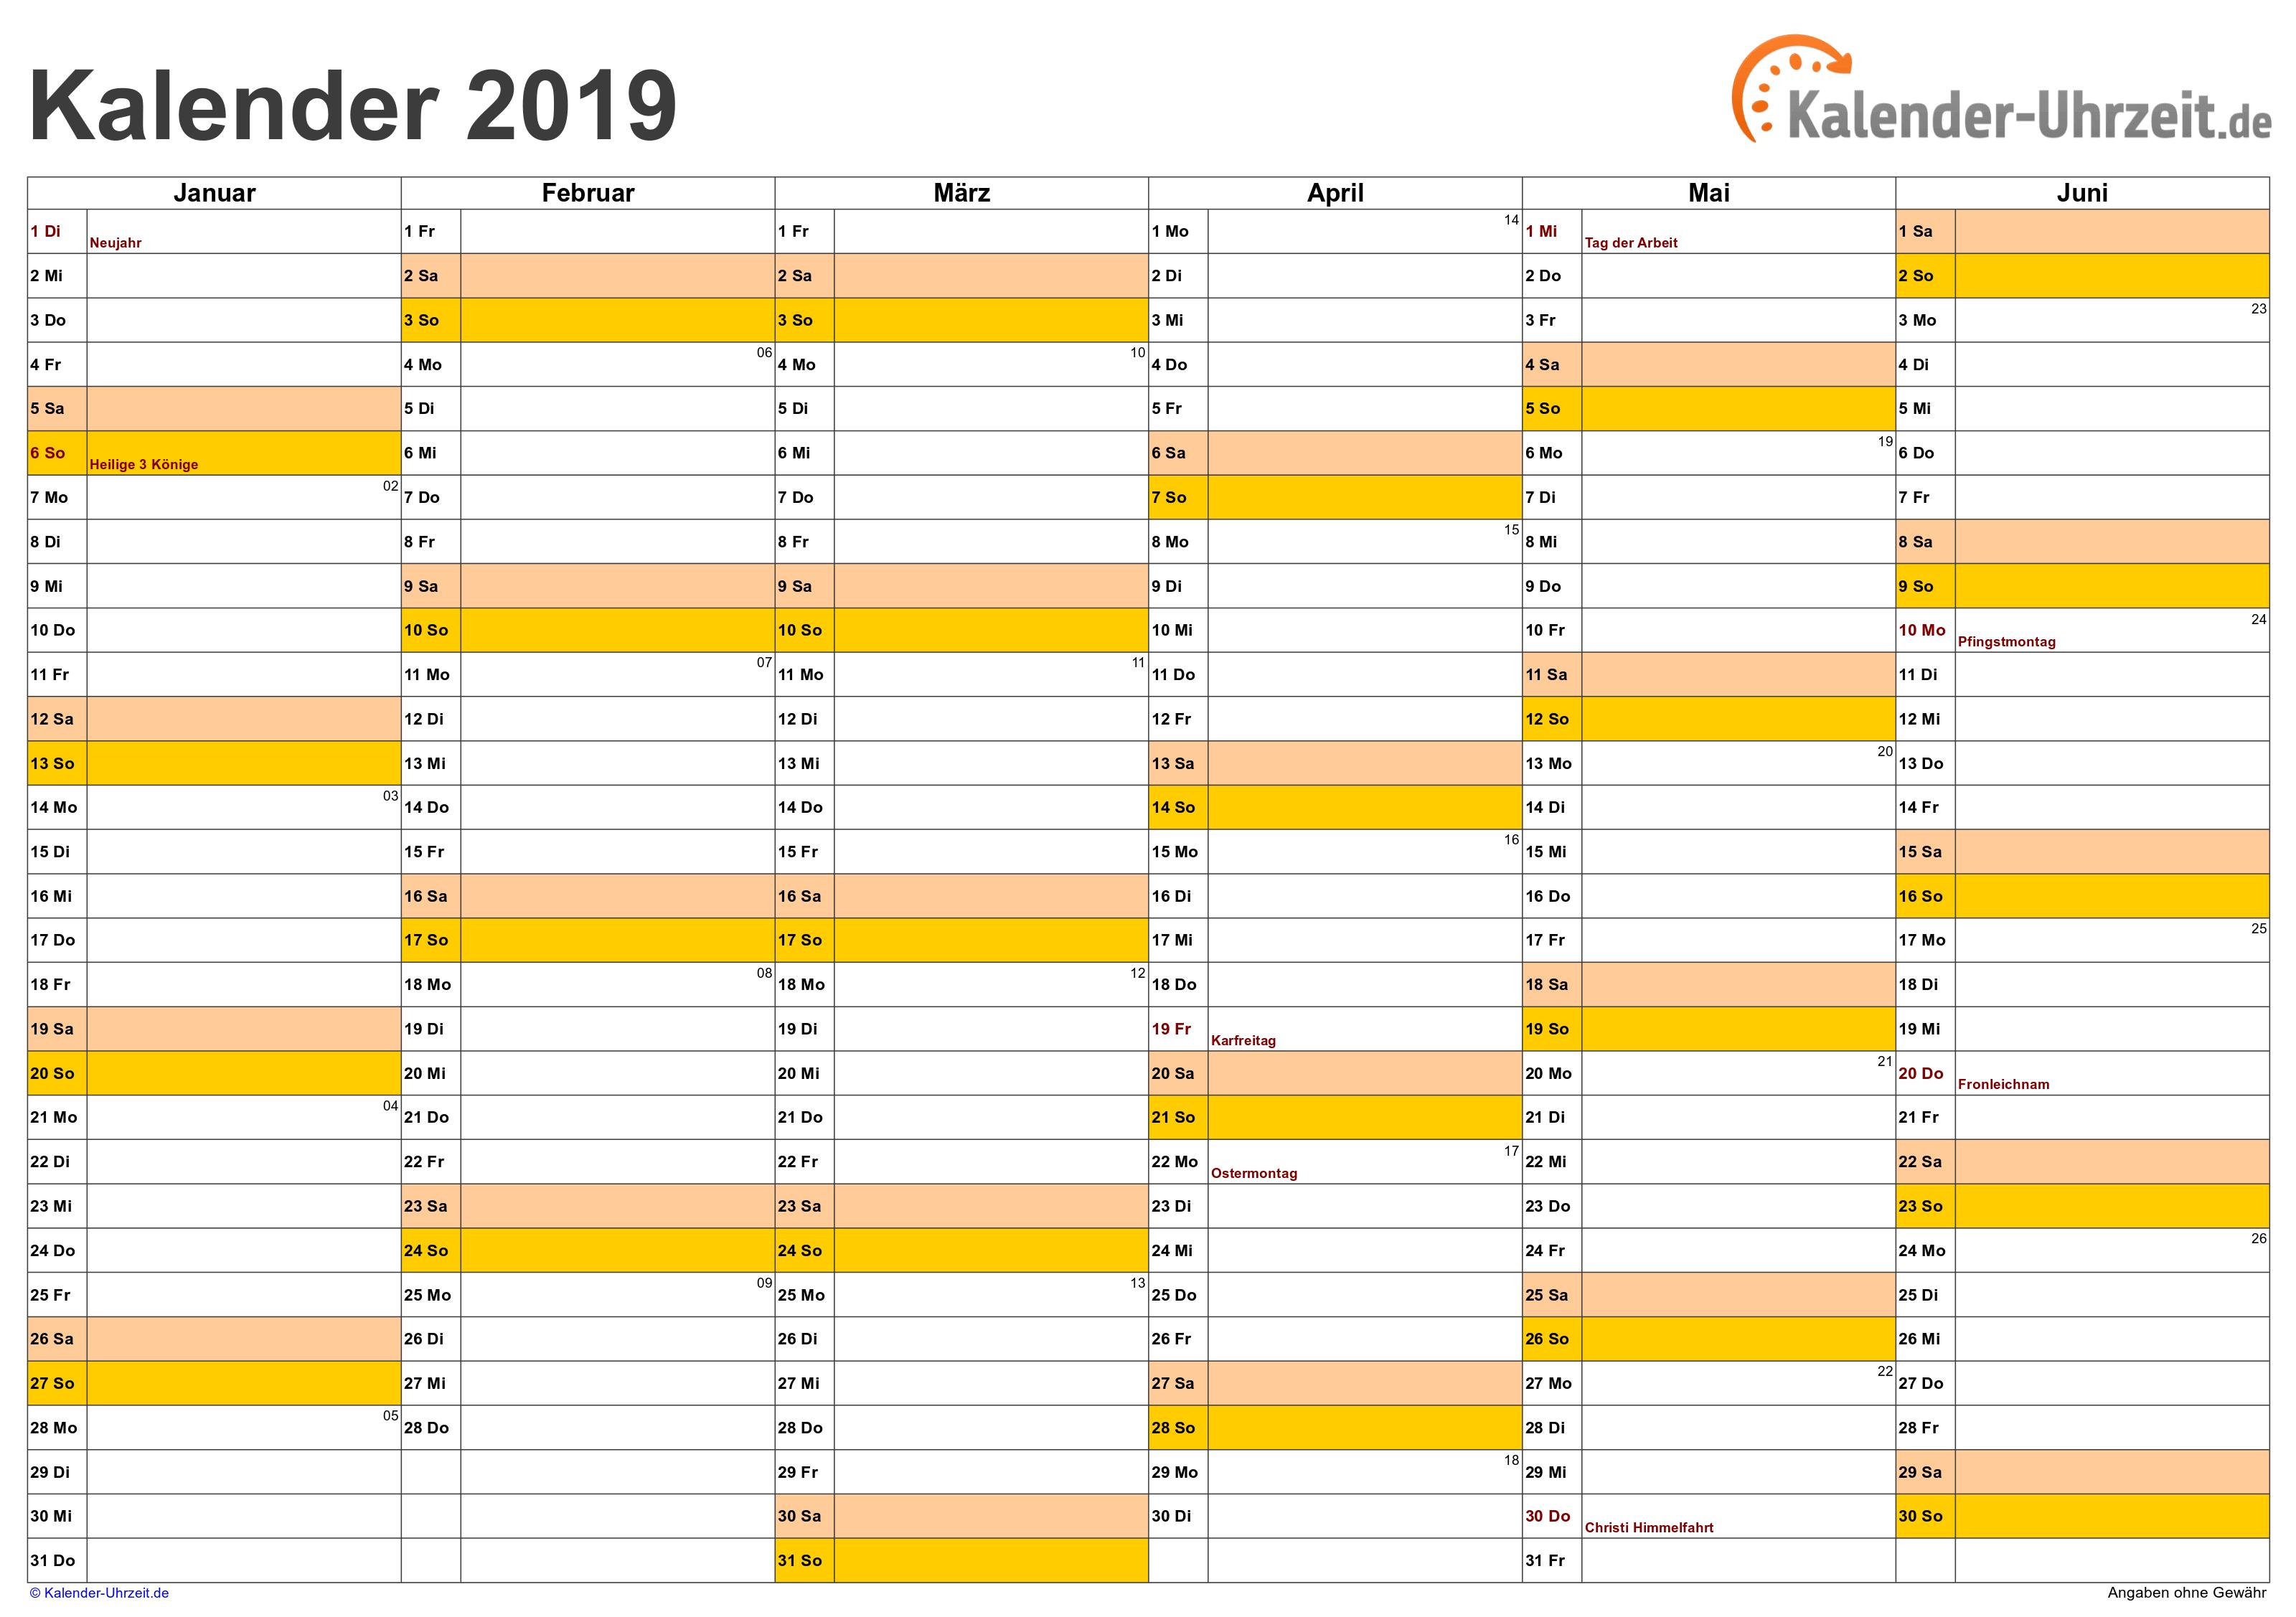 Kalender 2019 Zum Ausdrucken Gratis Vorlagen Zum Download Kalender Vorlagen 2019 Kalender Kalender